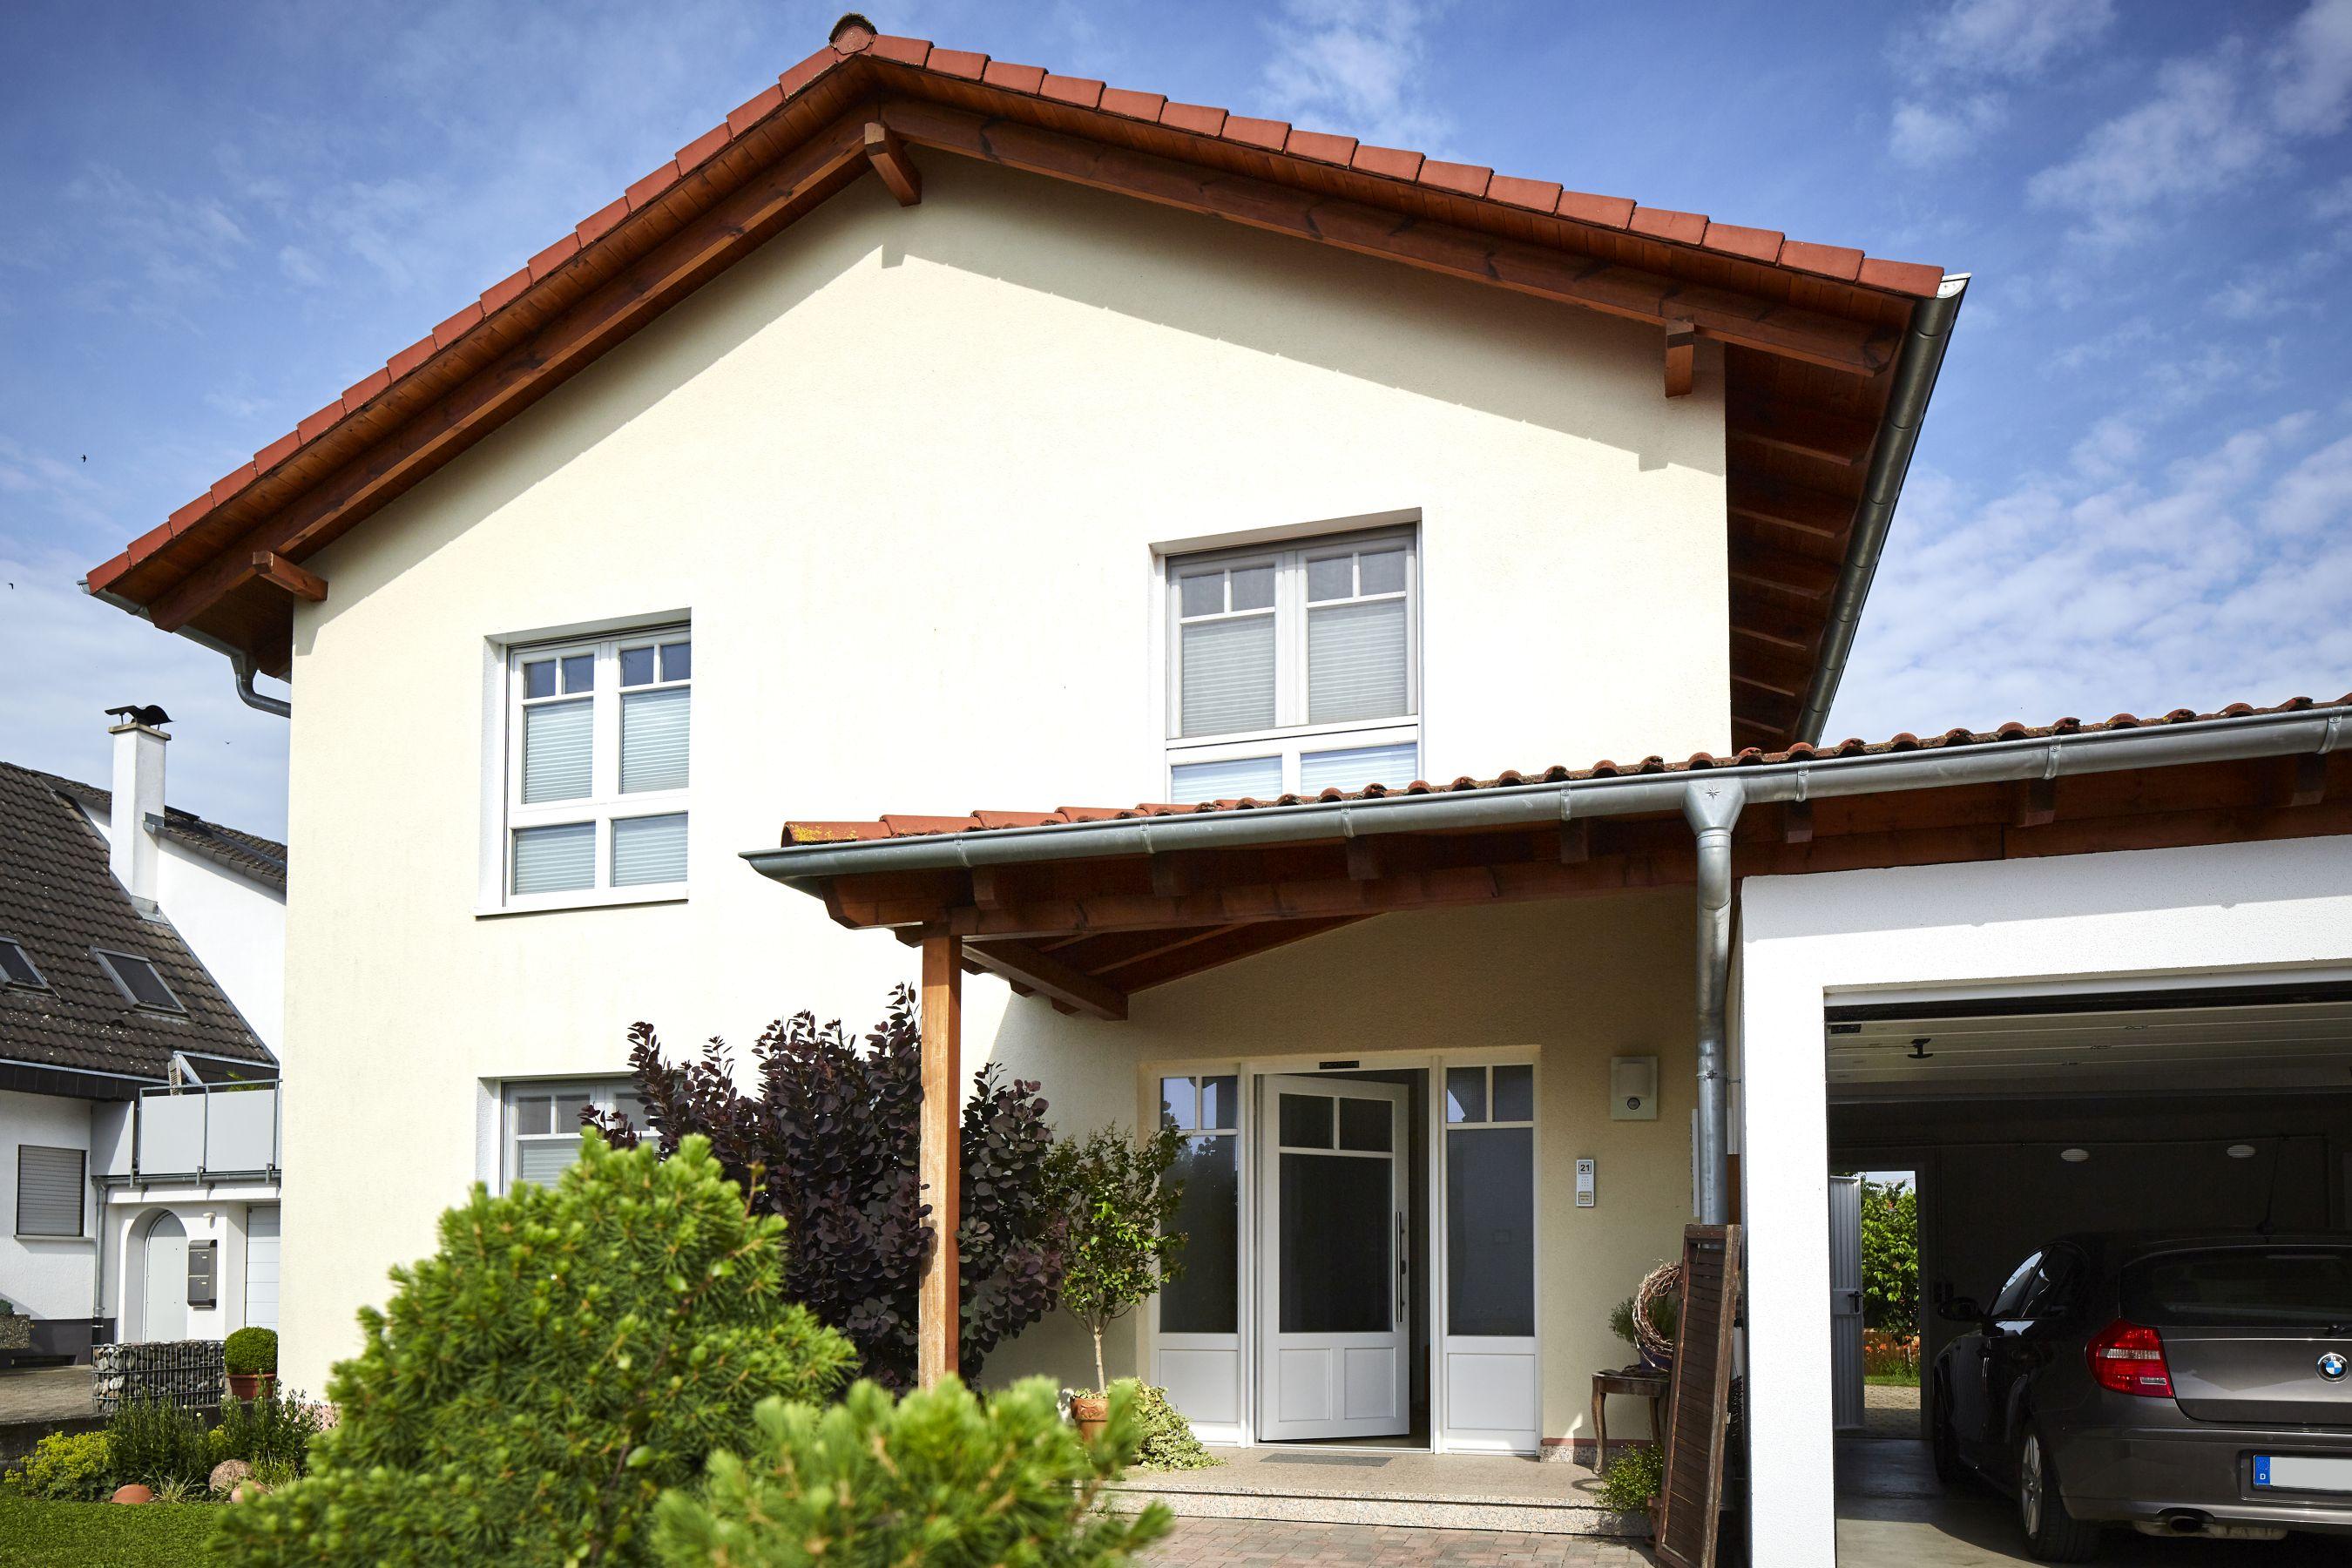 Villa Elsa, (Rust). Ferienhaus, 180qm, 5 Schlafzim Ferienhaus  Schwarzwald